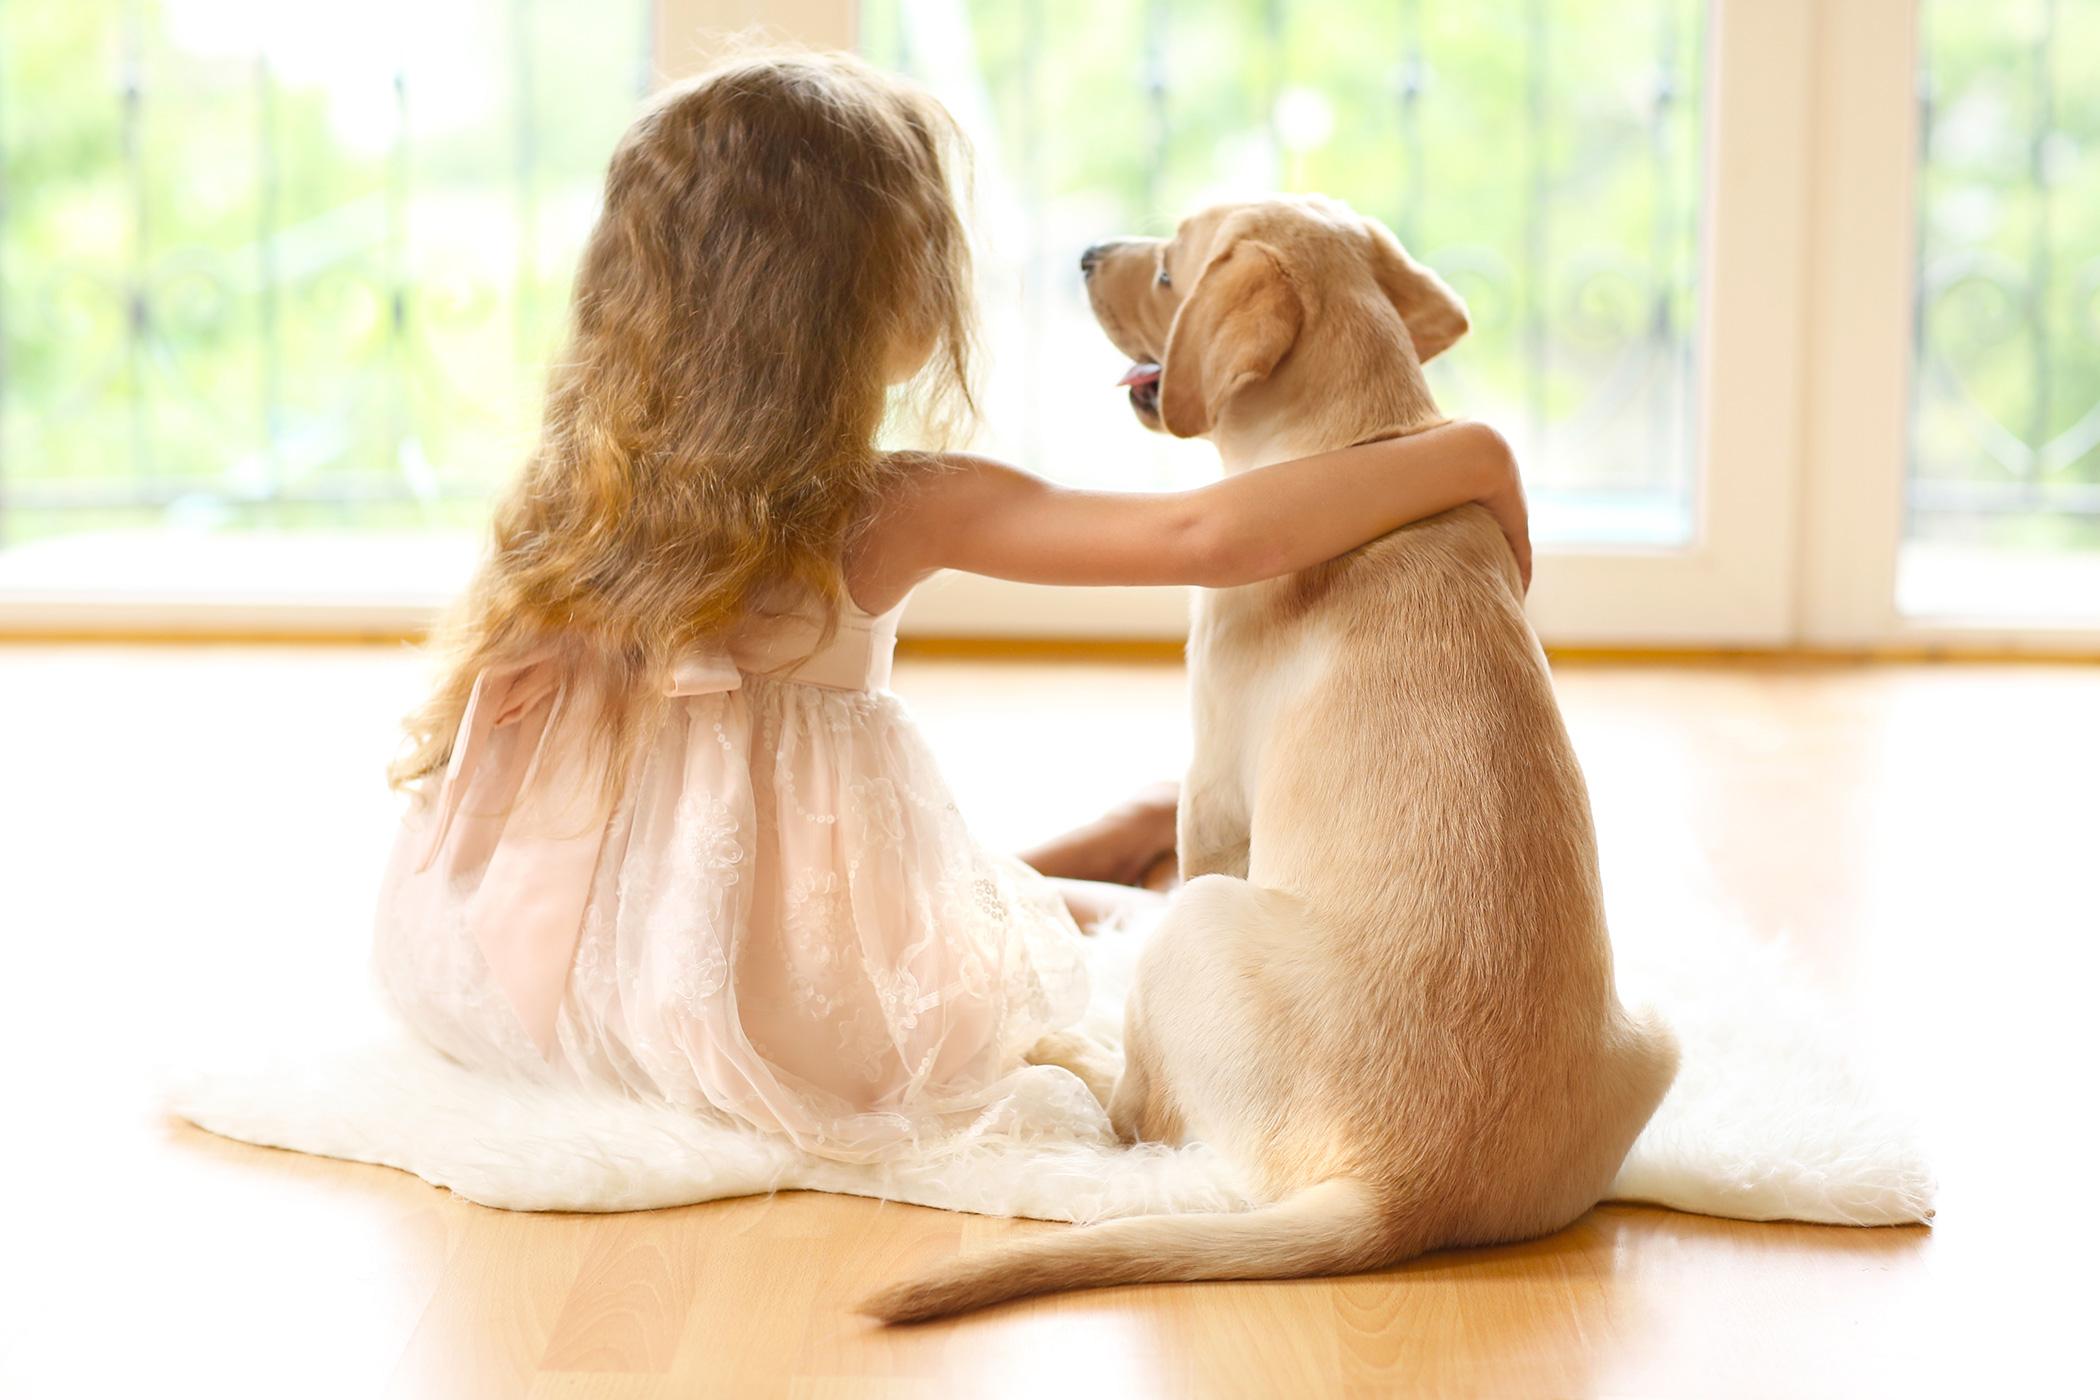 Girl_and_Dog@2x.jpg